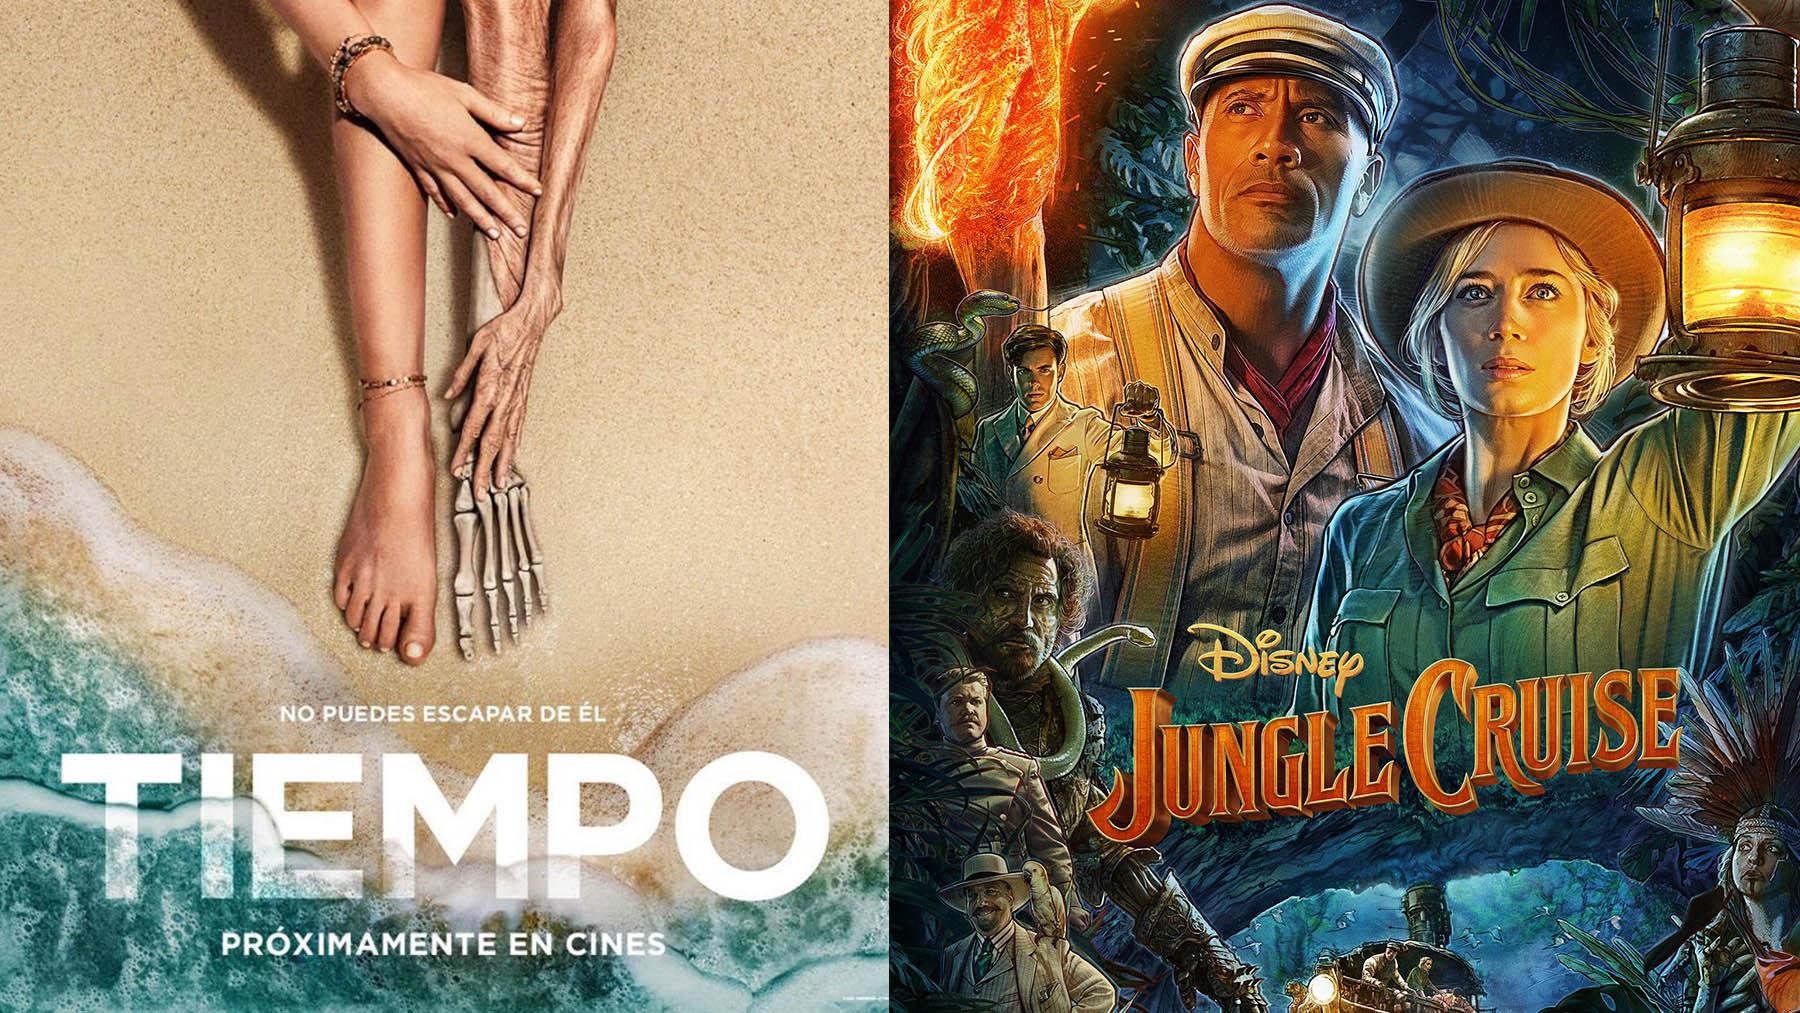 «Jungle Cruise» (Disney) y «Tiempo» (Universal Pictures) se estrenan este fin de semana